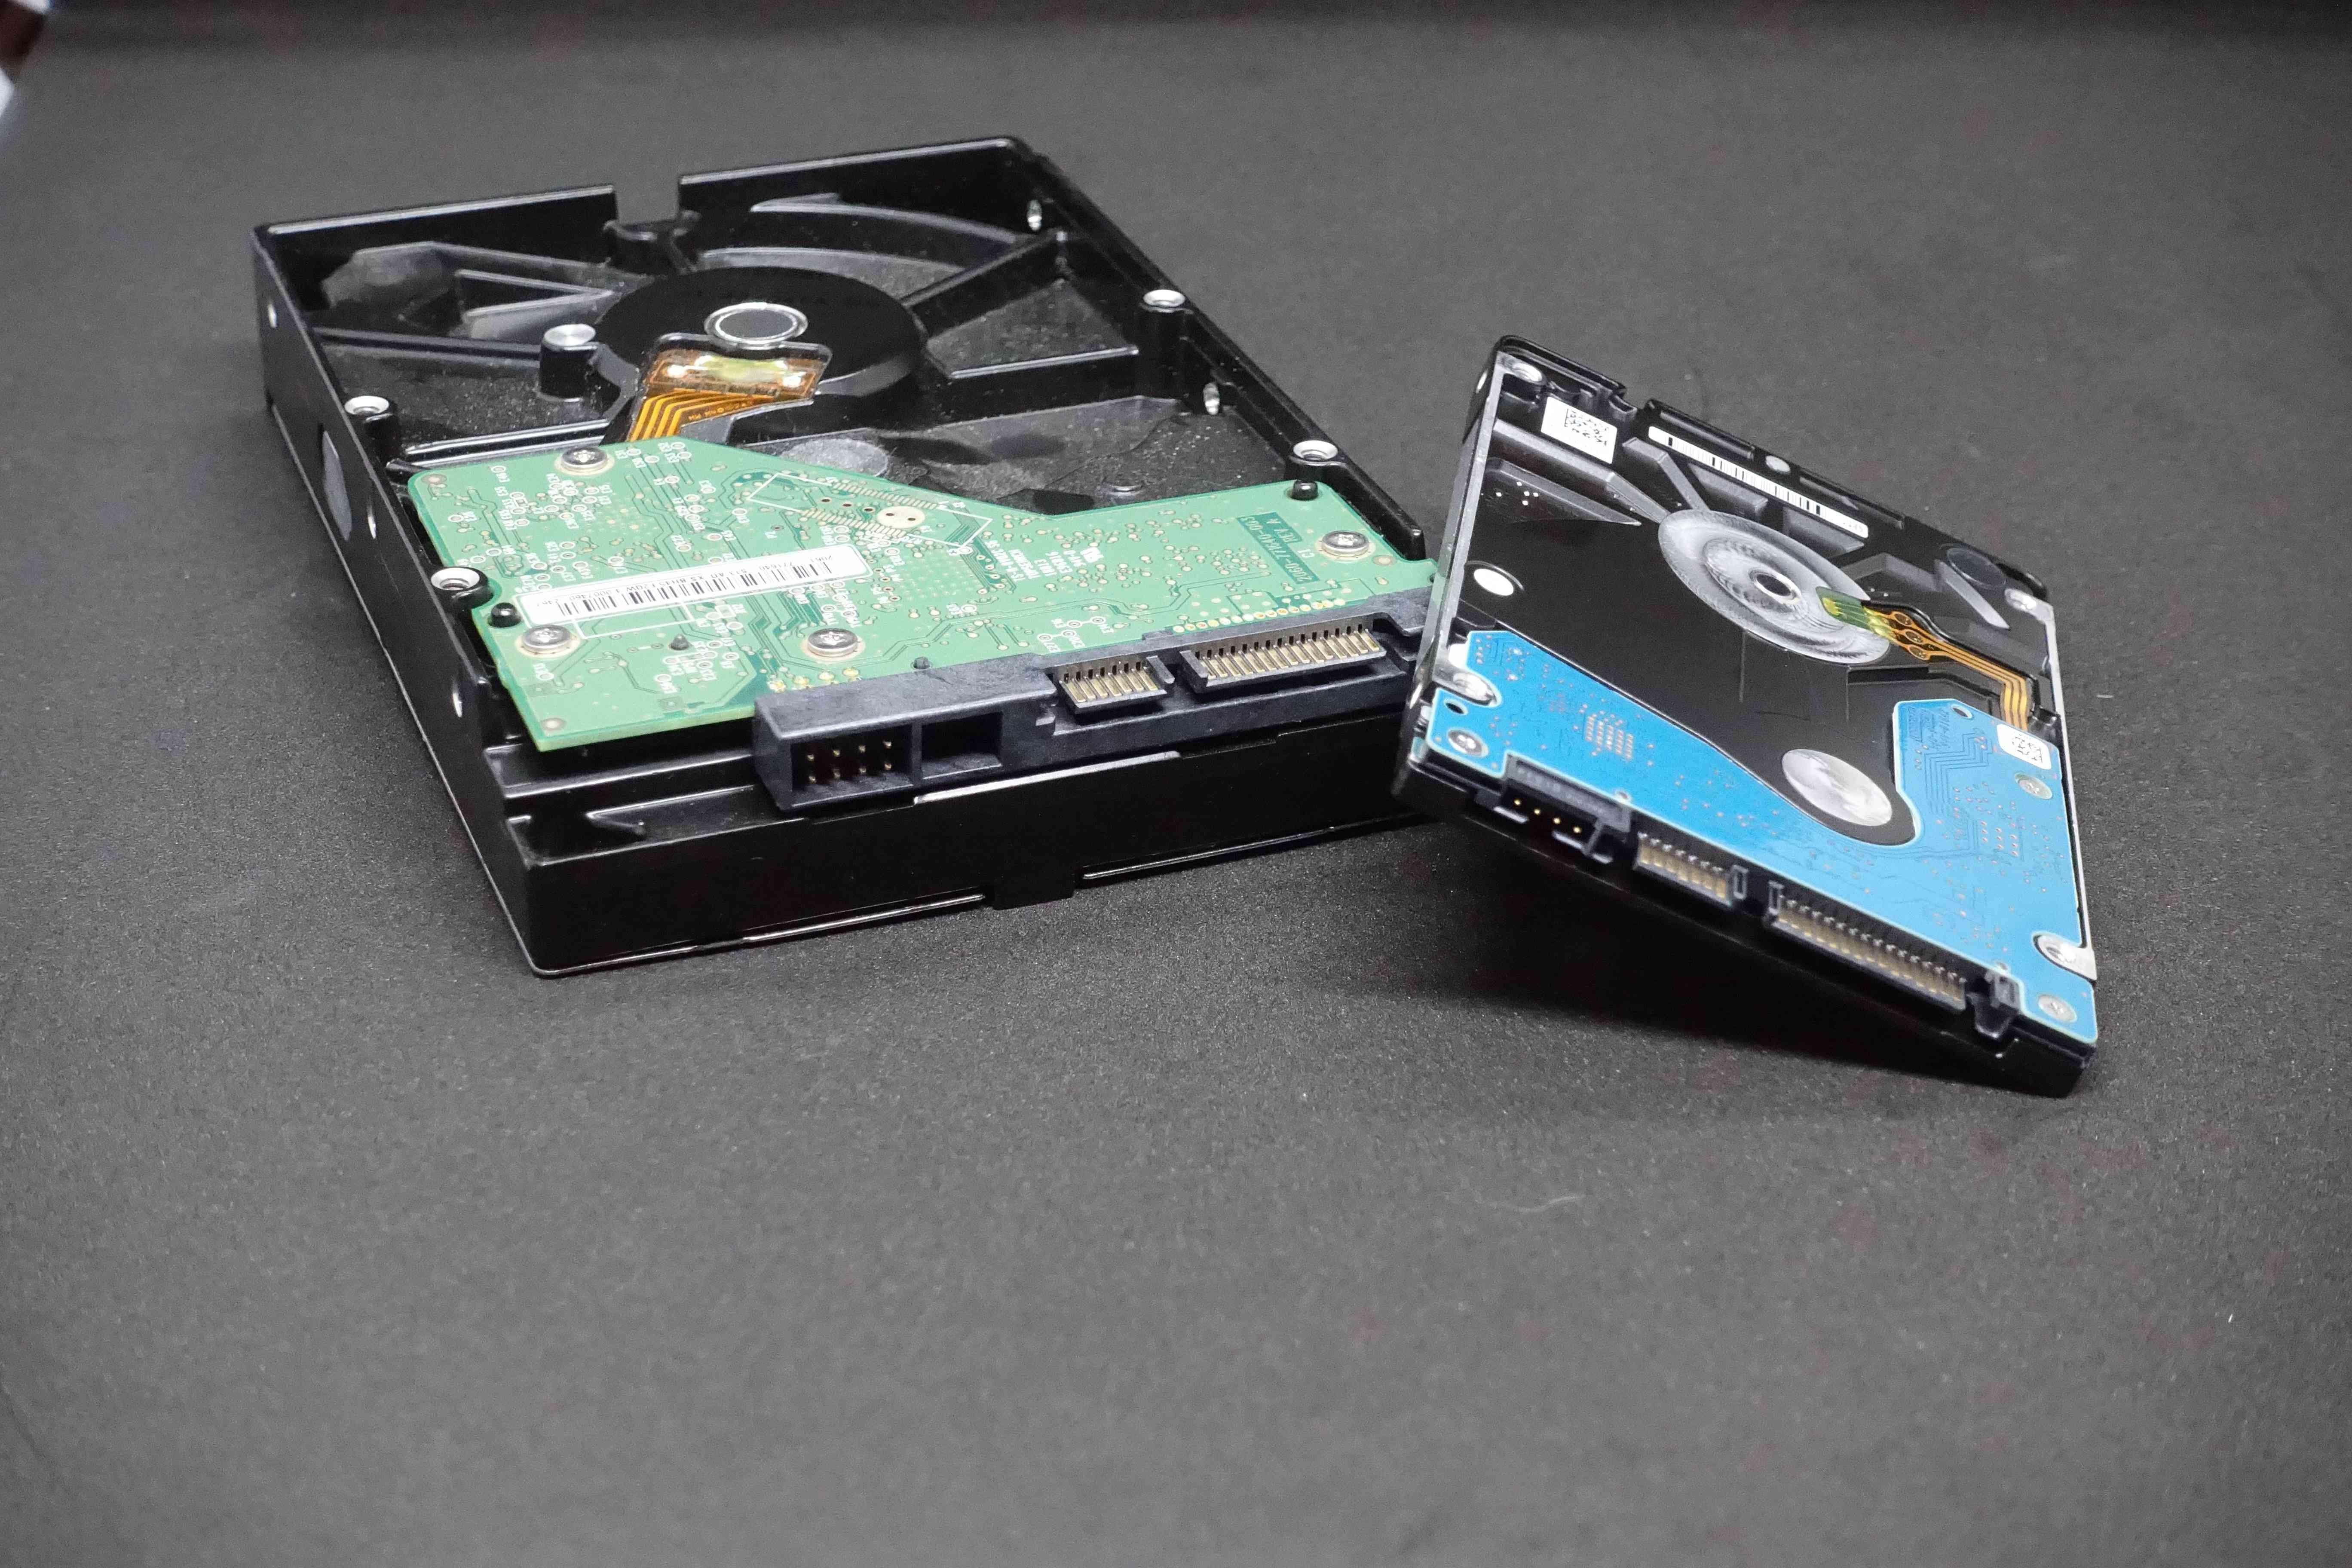 001 how to make an internal hard drive external ba c144a0bdf ef7288a3 JPG